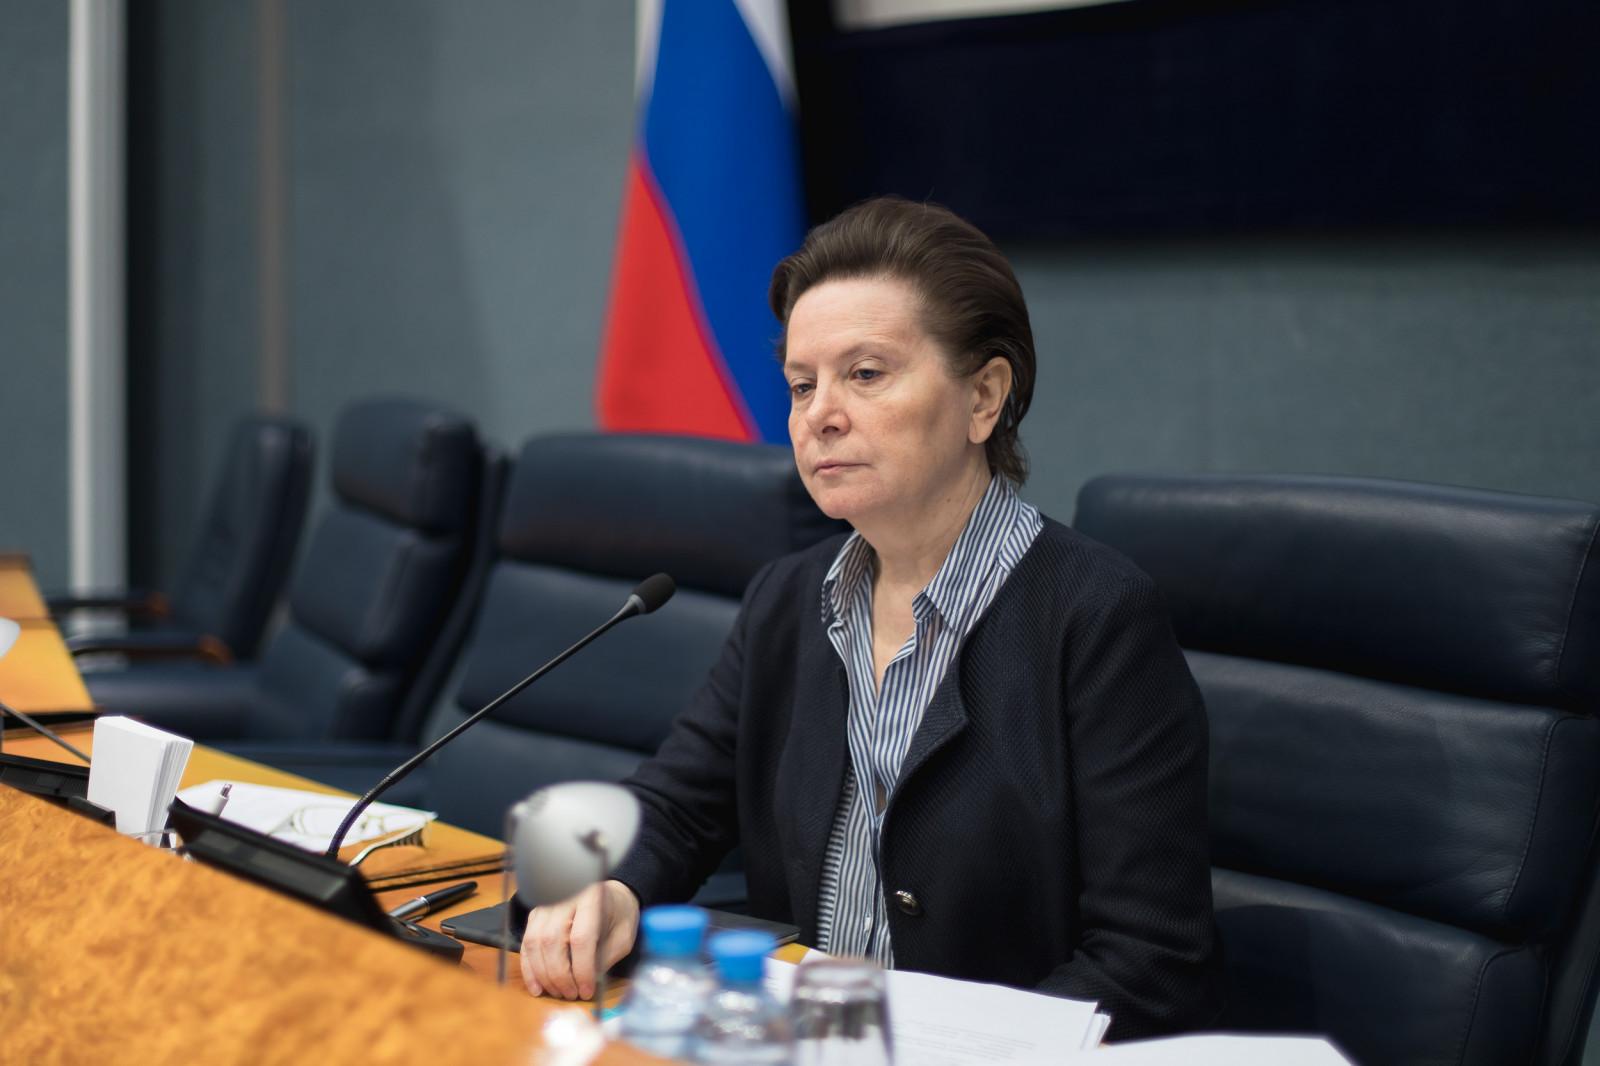 Решением губернатора Югры Натальи Комаровой в Югорске и Советском со 2 по 23 июля 2021 года введен режим обязательной самоизоляции для всех граждан за исключением прошедших вакцинацию от COVID-19.